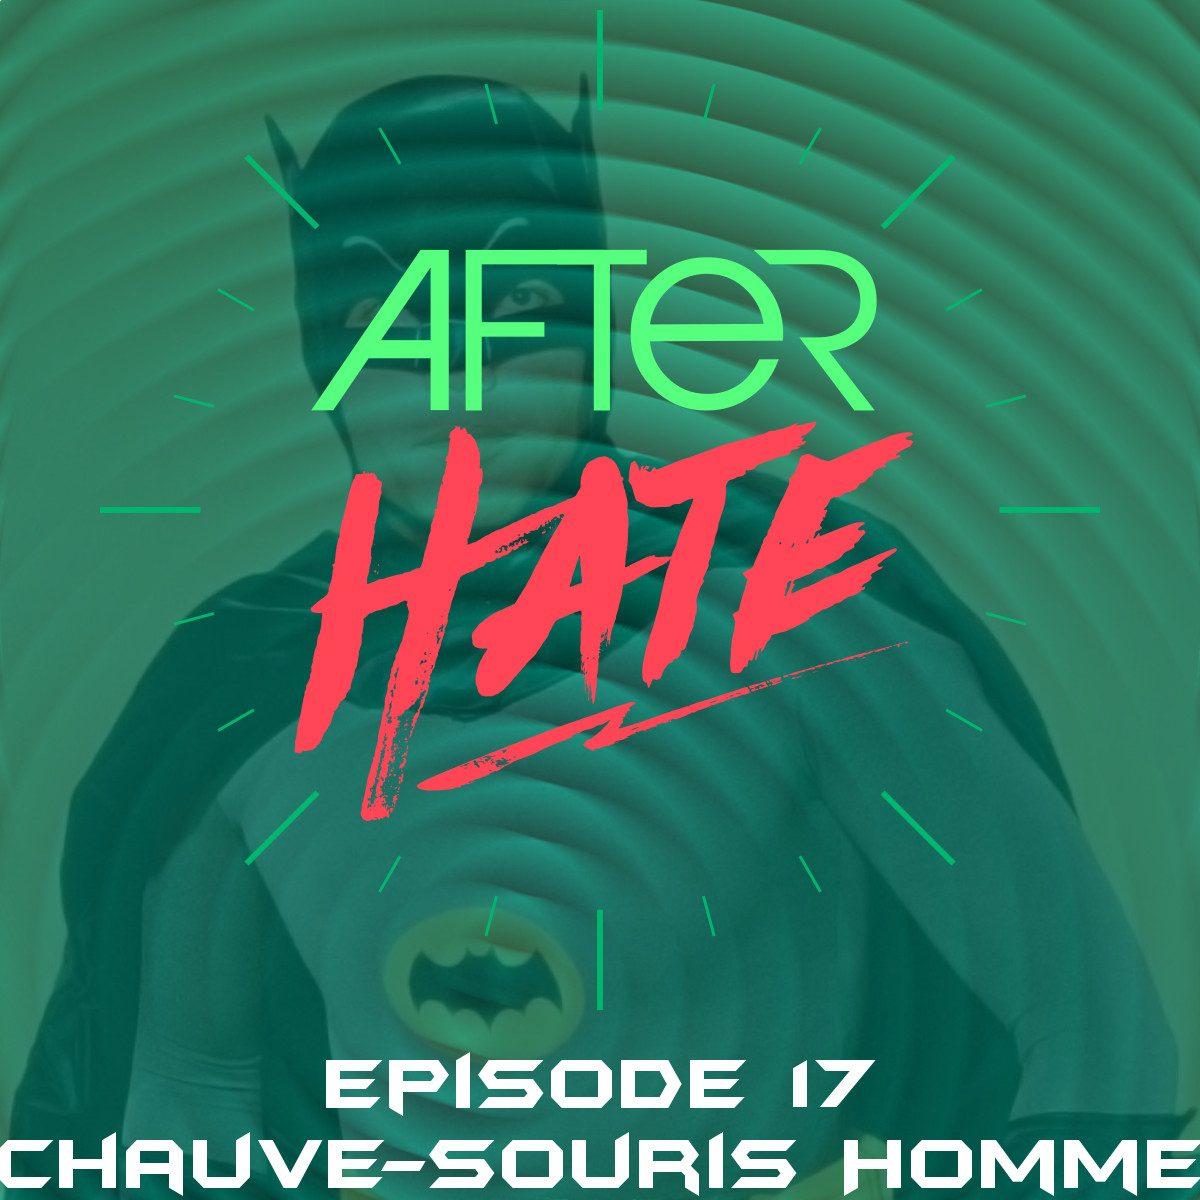 Episode 17 : Chauve-souris Homme